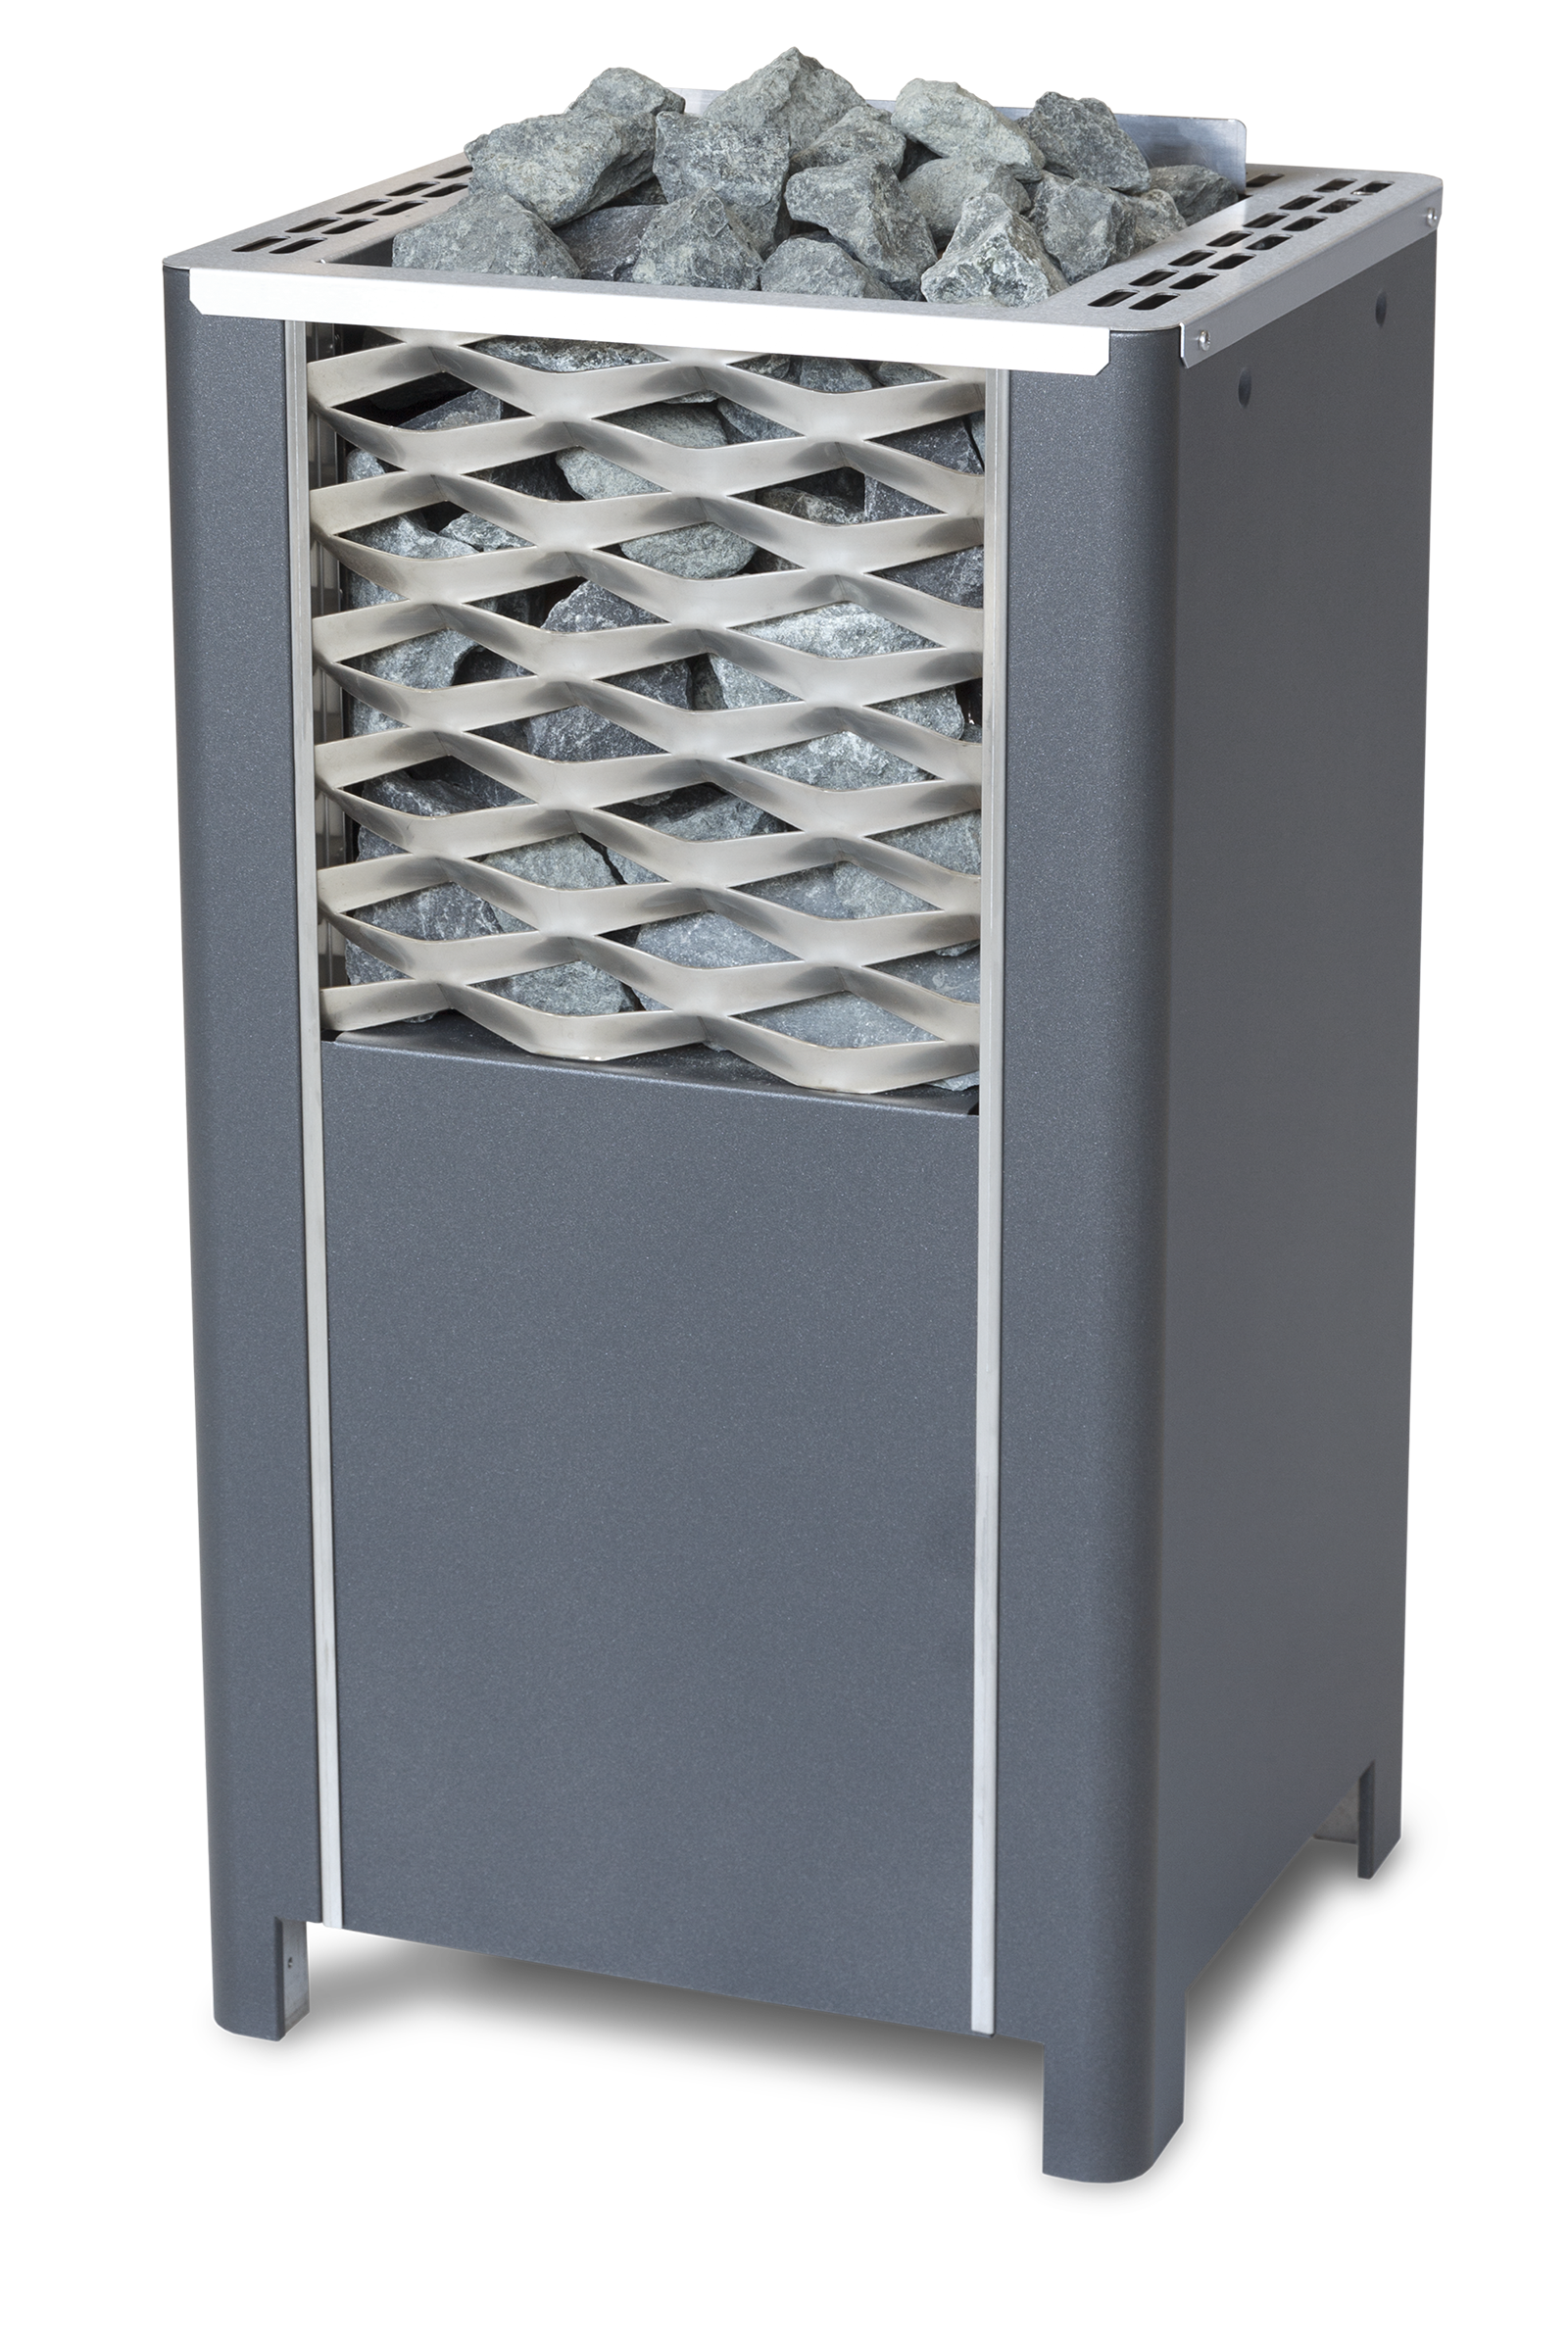 EOS Finnrock 9,0 kW Standofen 945664